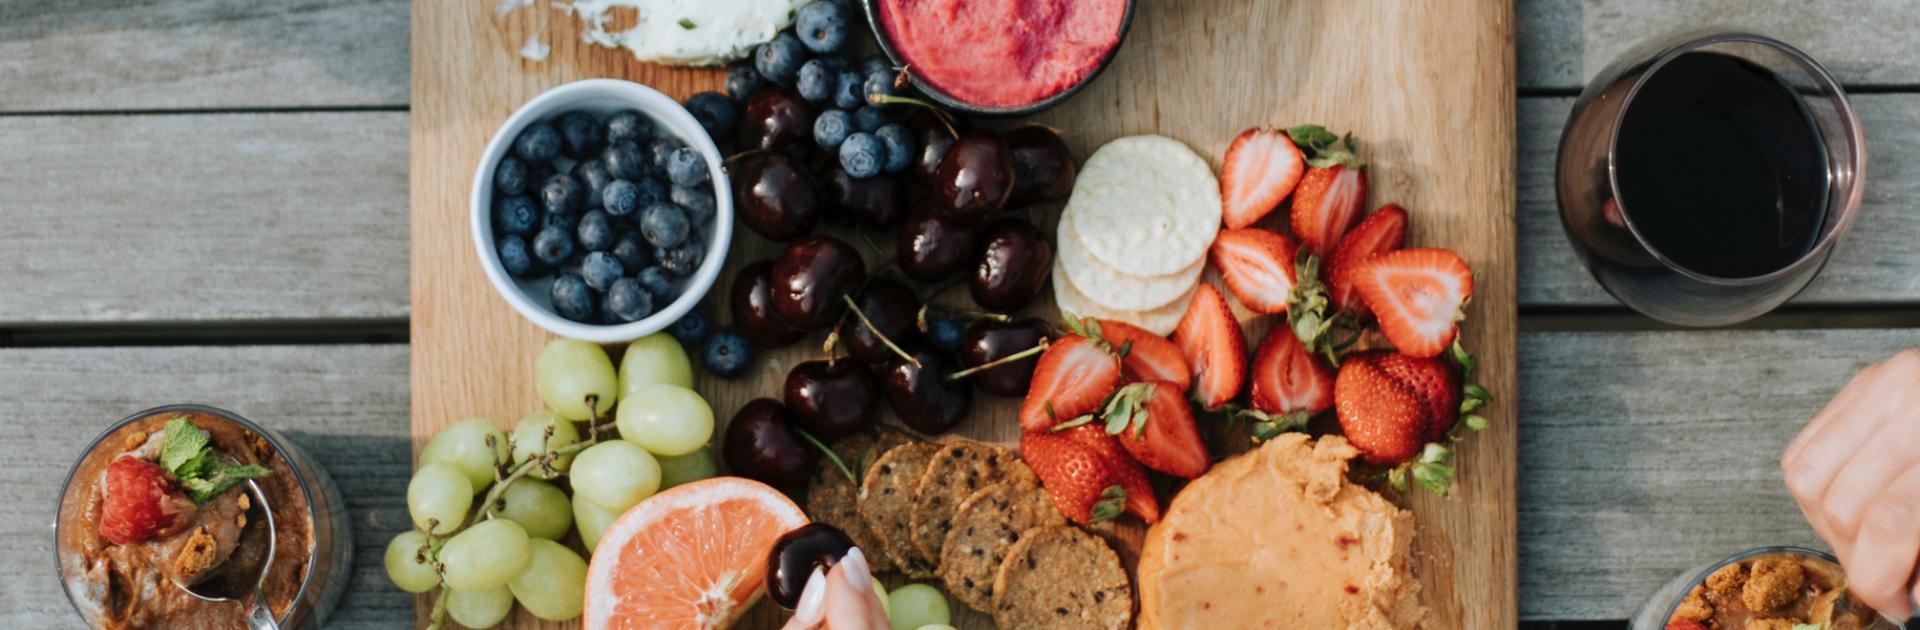 Vegetarische bbq | Eigenhuis Keukens